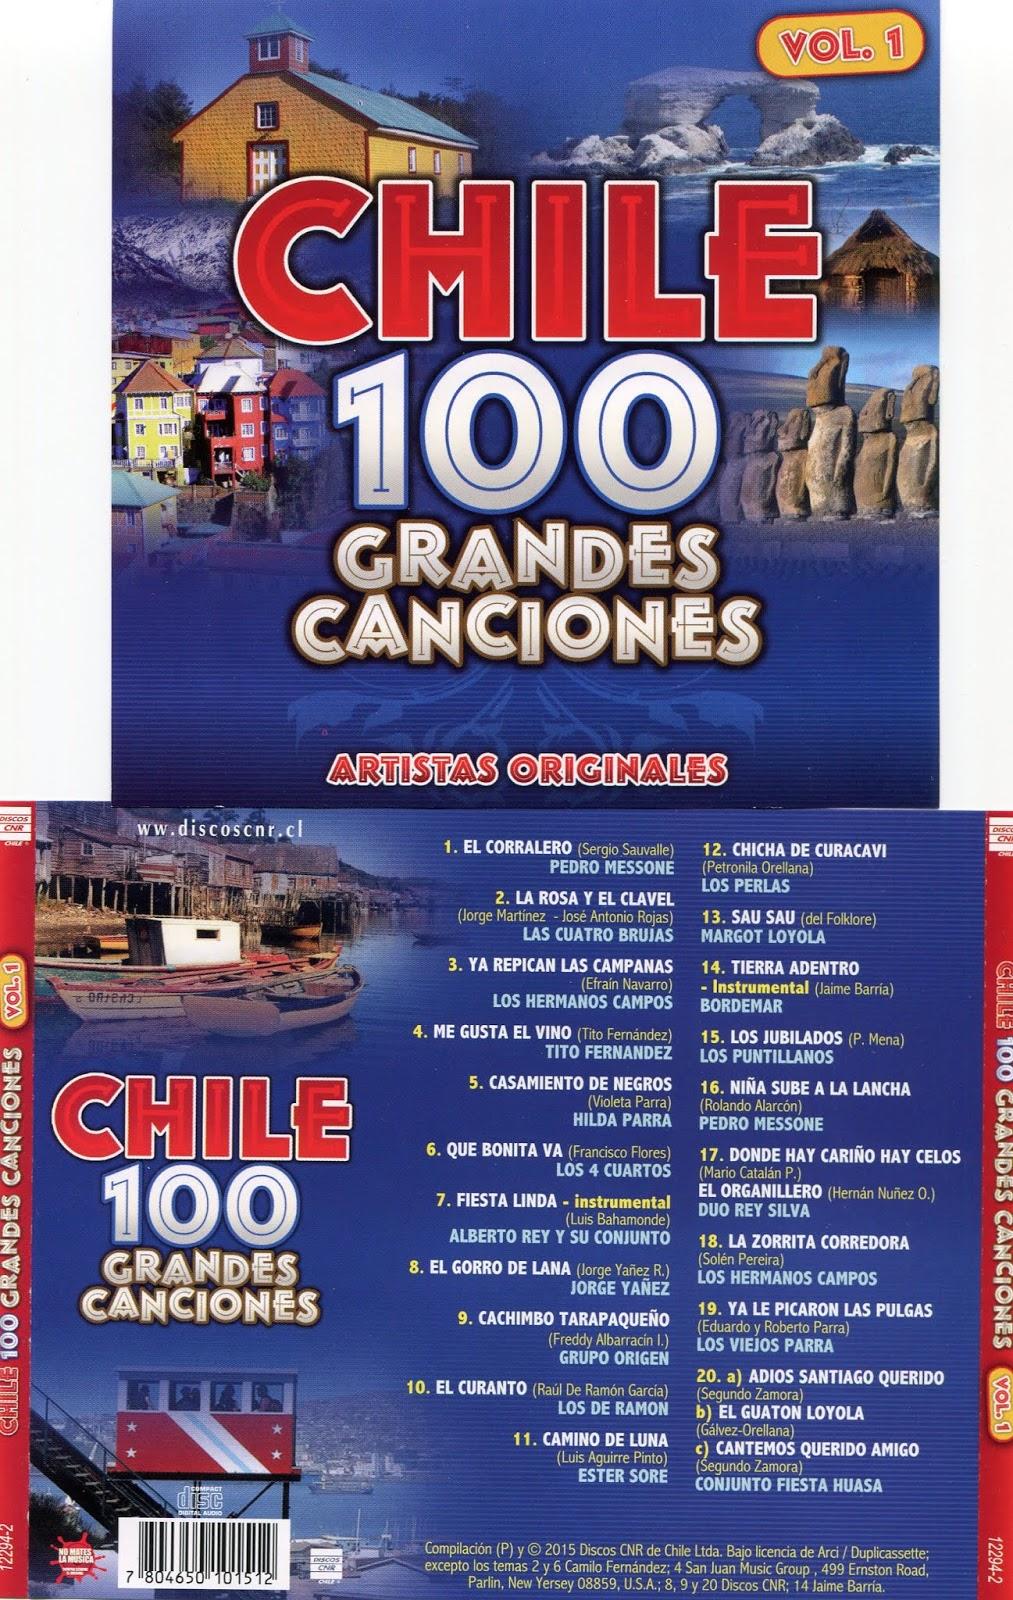 cd 100 grandes canciones de Chile Cd 1 Vol1